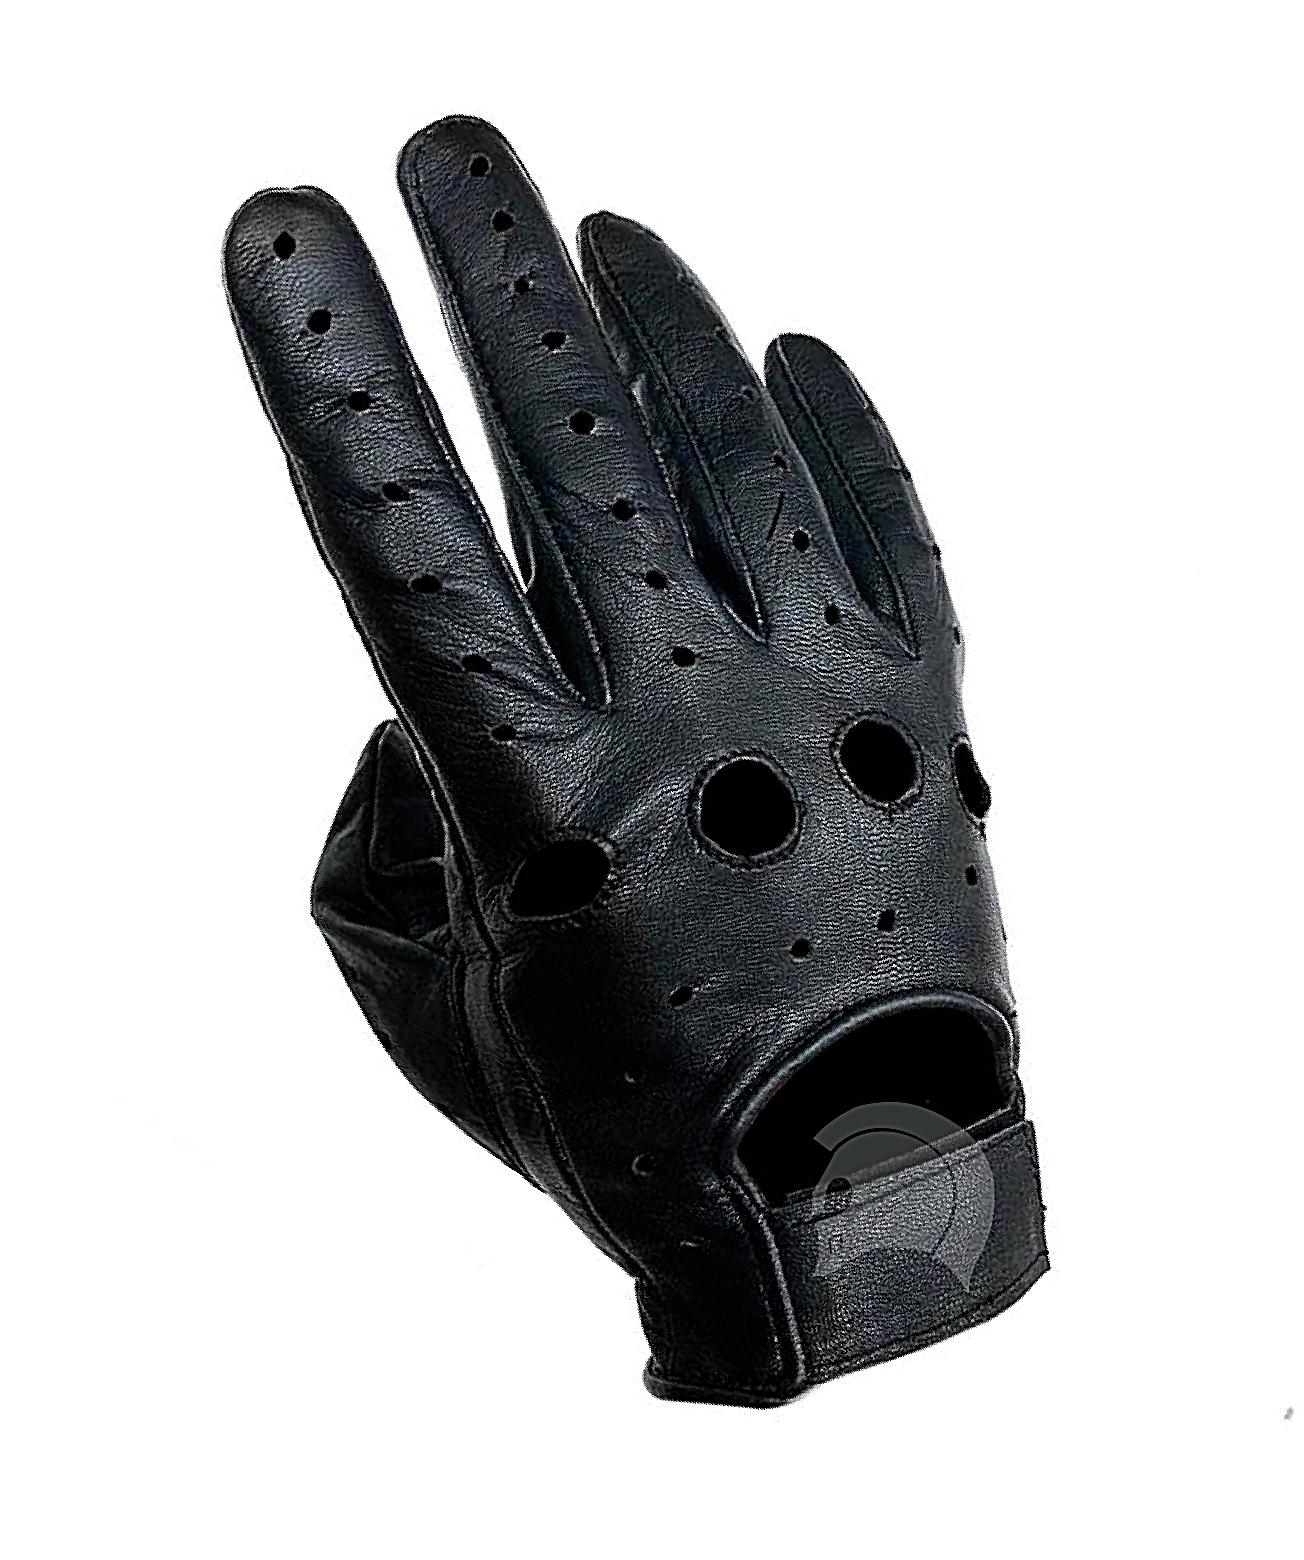 New Biker Police Leather Chauffeur Driving Gloves Black XS S M L XL XXL